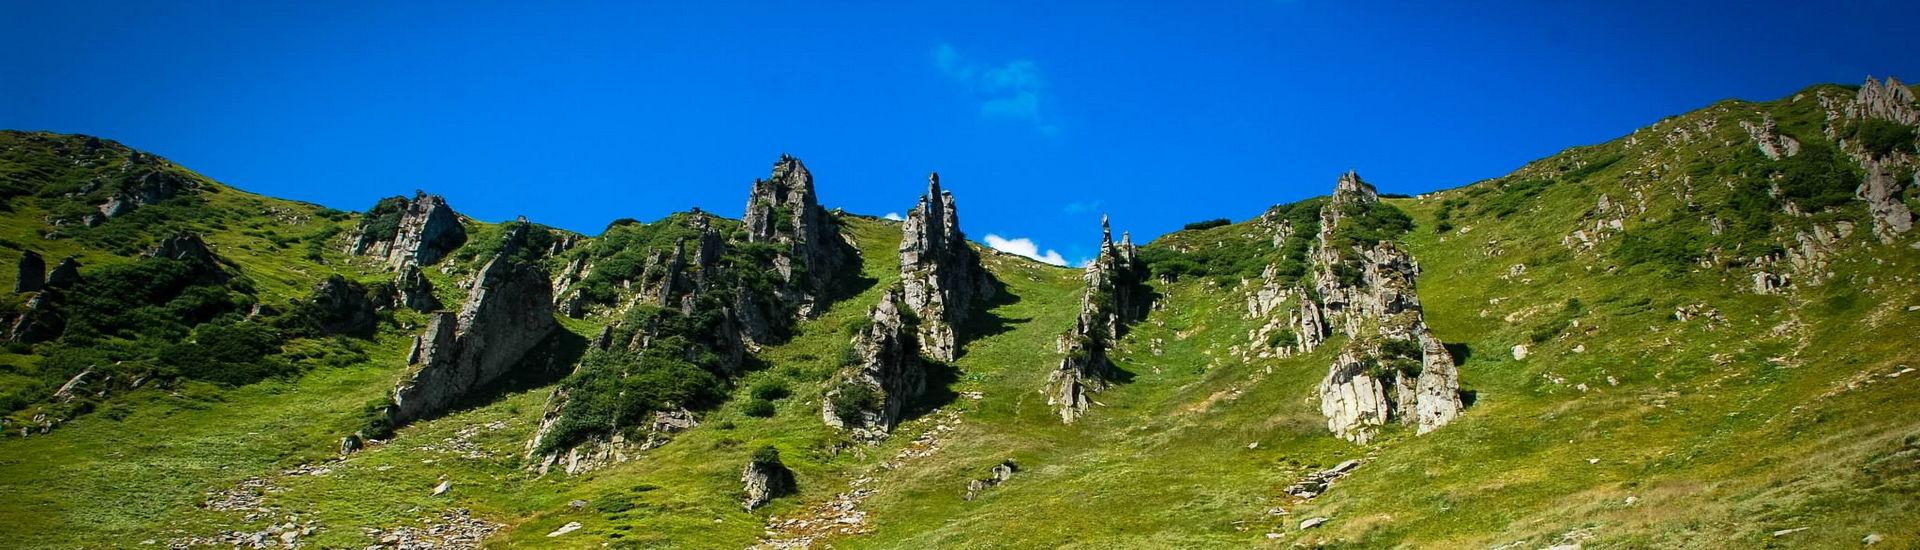 Чорногірський хребет, маршрут на гору Шпиці